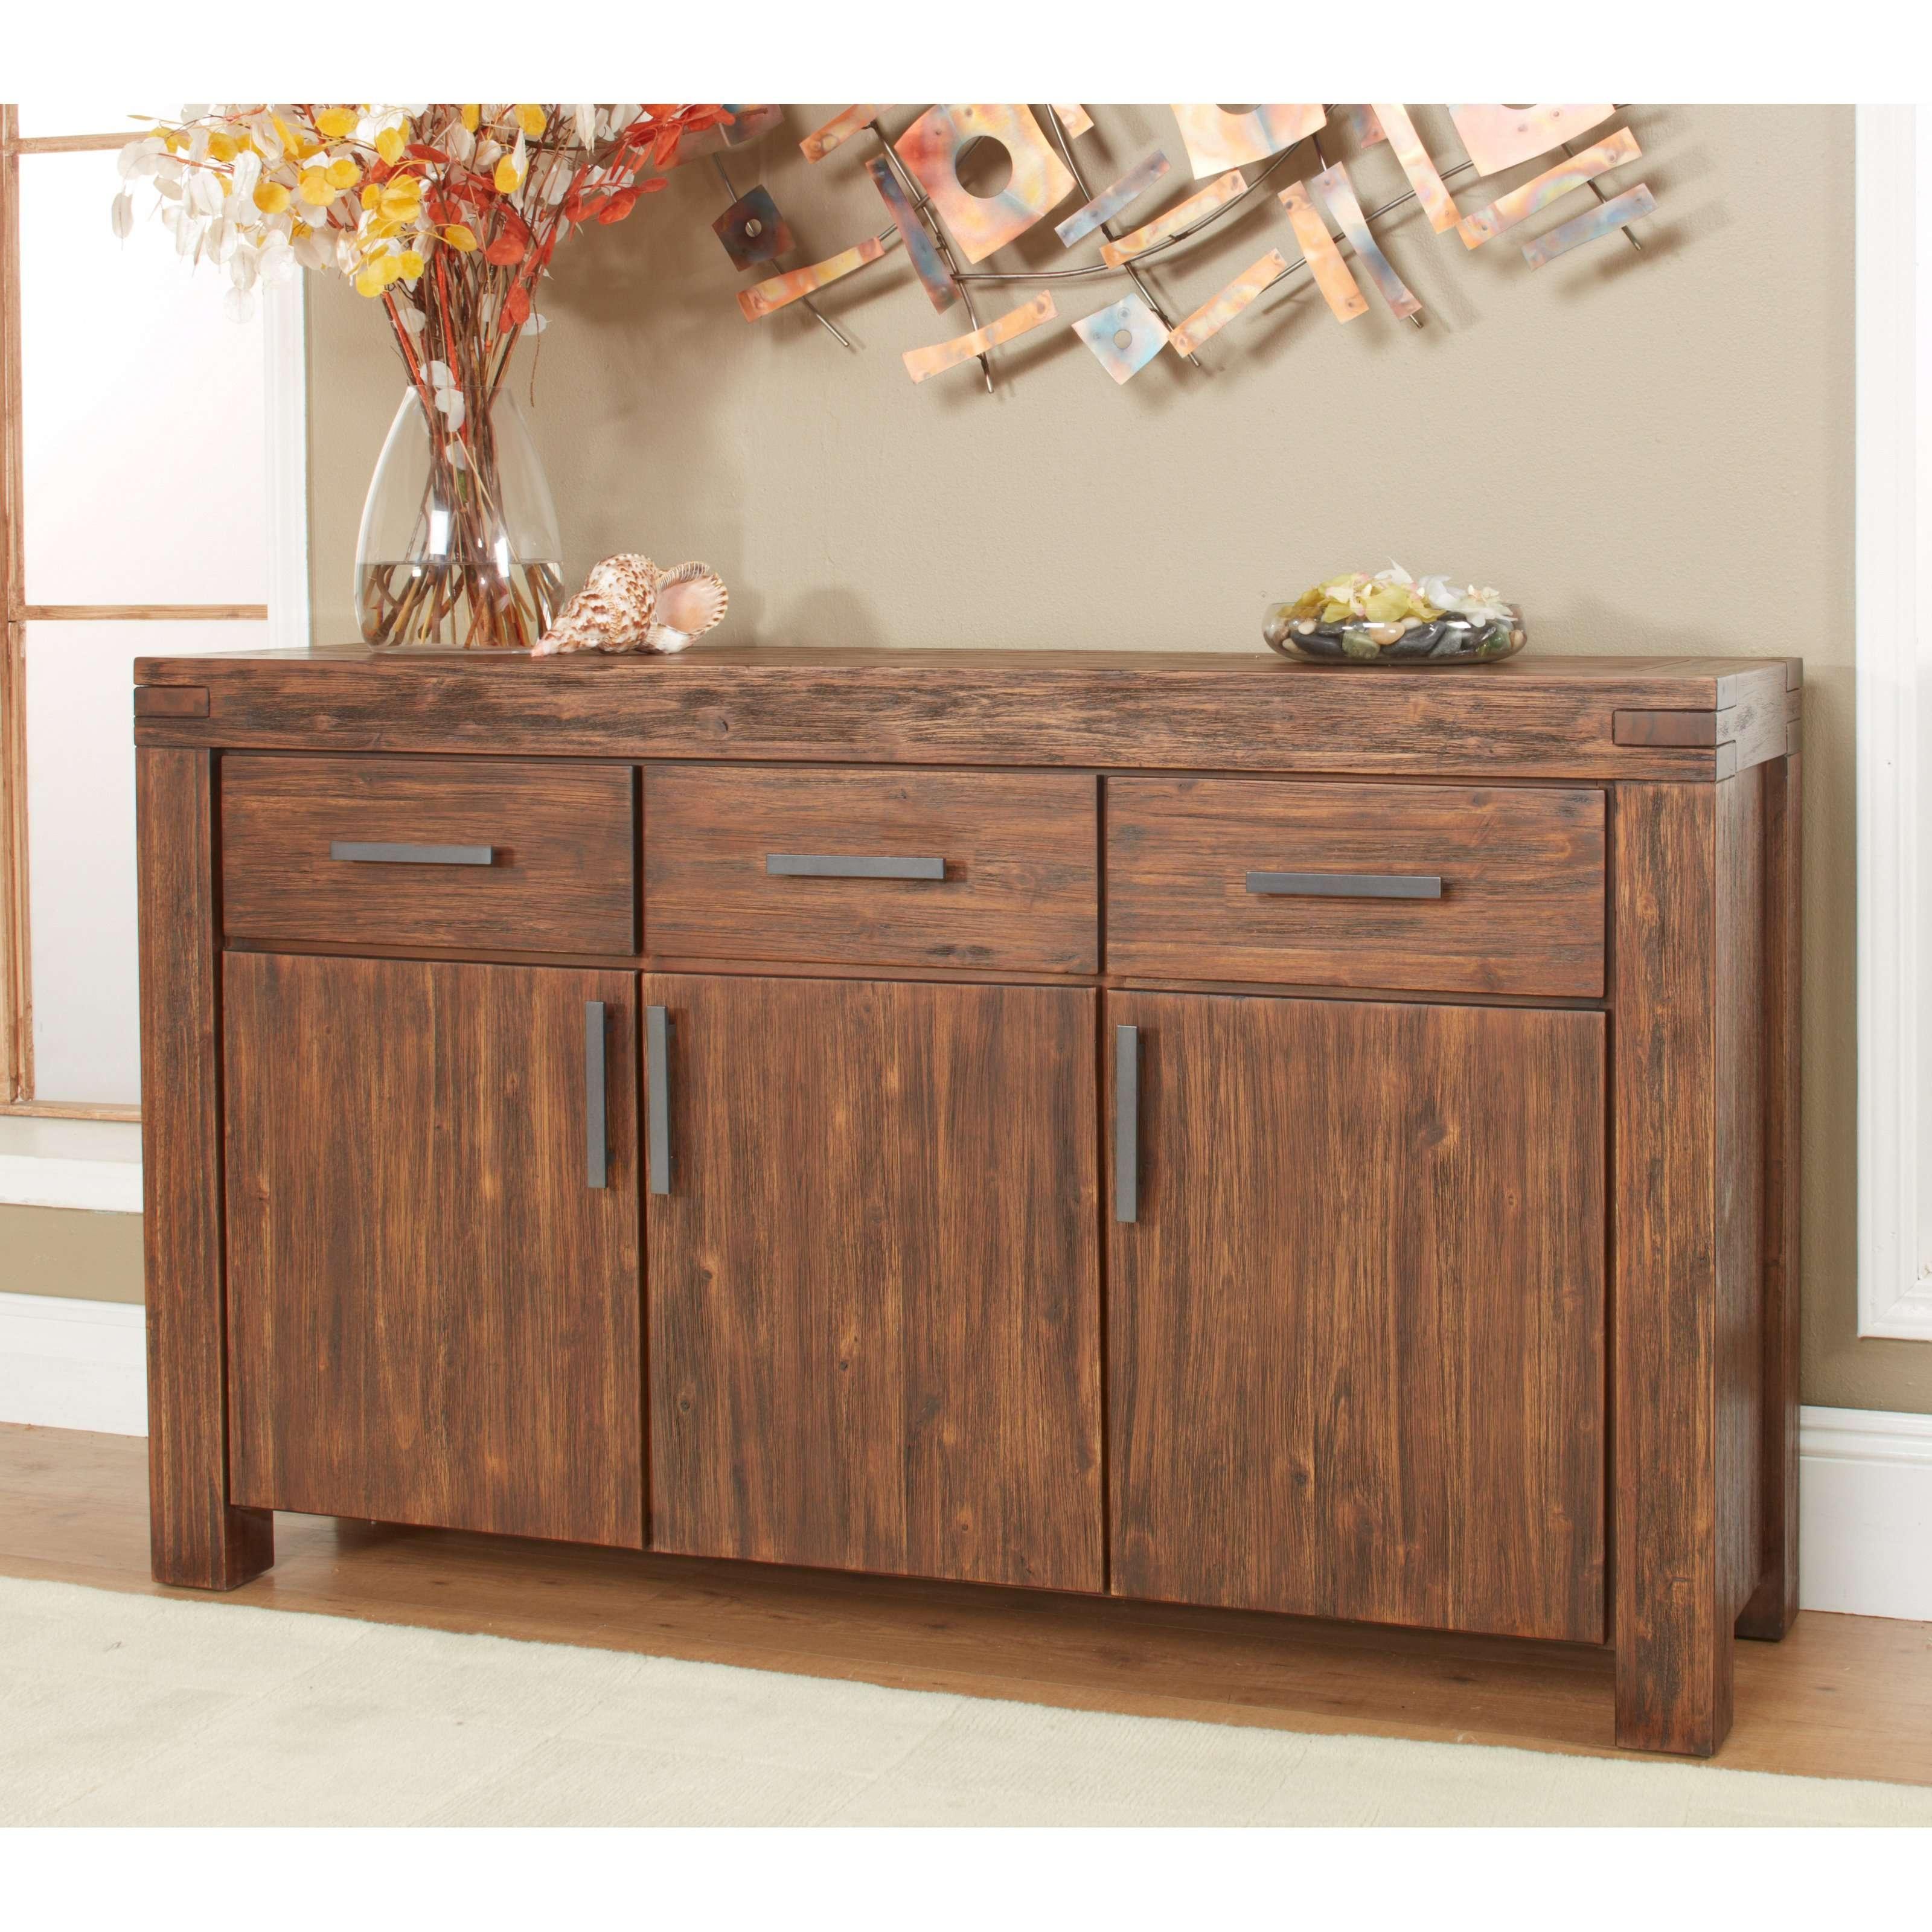 Modus Meadow 3 Door 3 Drawer Solid Wood Sideboard – Brick Brown Pertaining To Wood Sideboards (View 16 of 20)